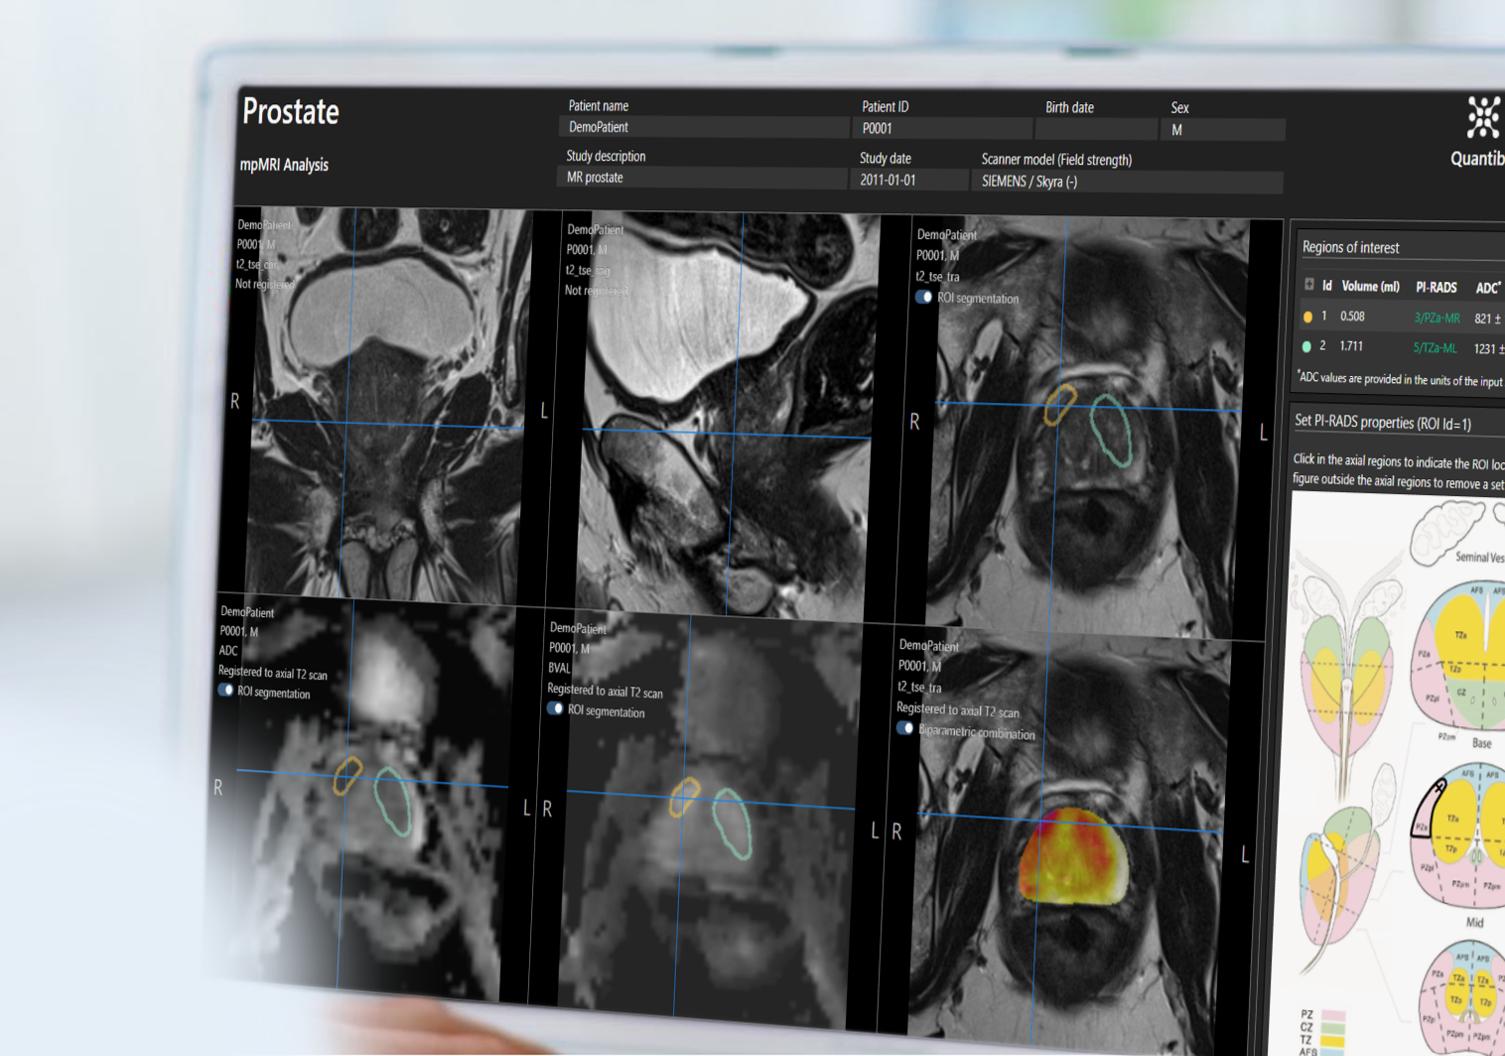 prostate radiology software Quantib Prostate user interface on desktop monitor showing PIRADS scoring